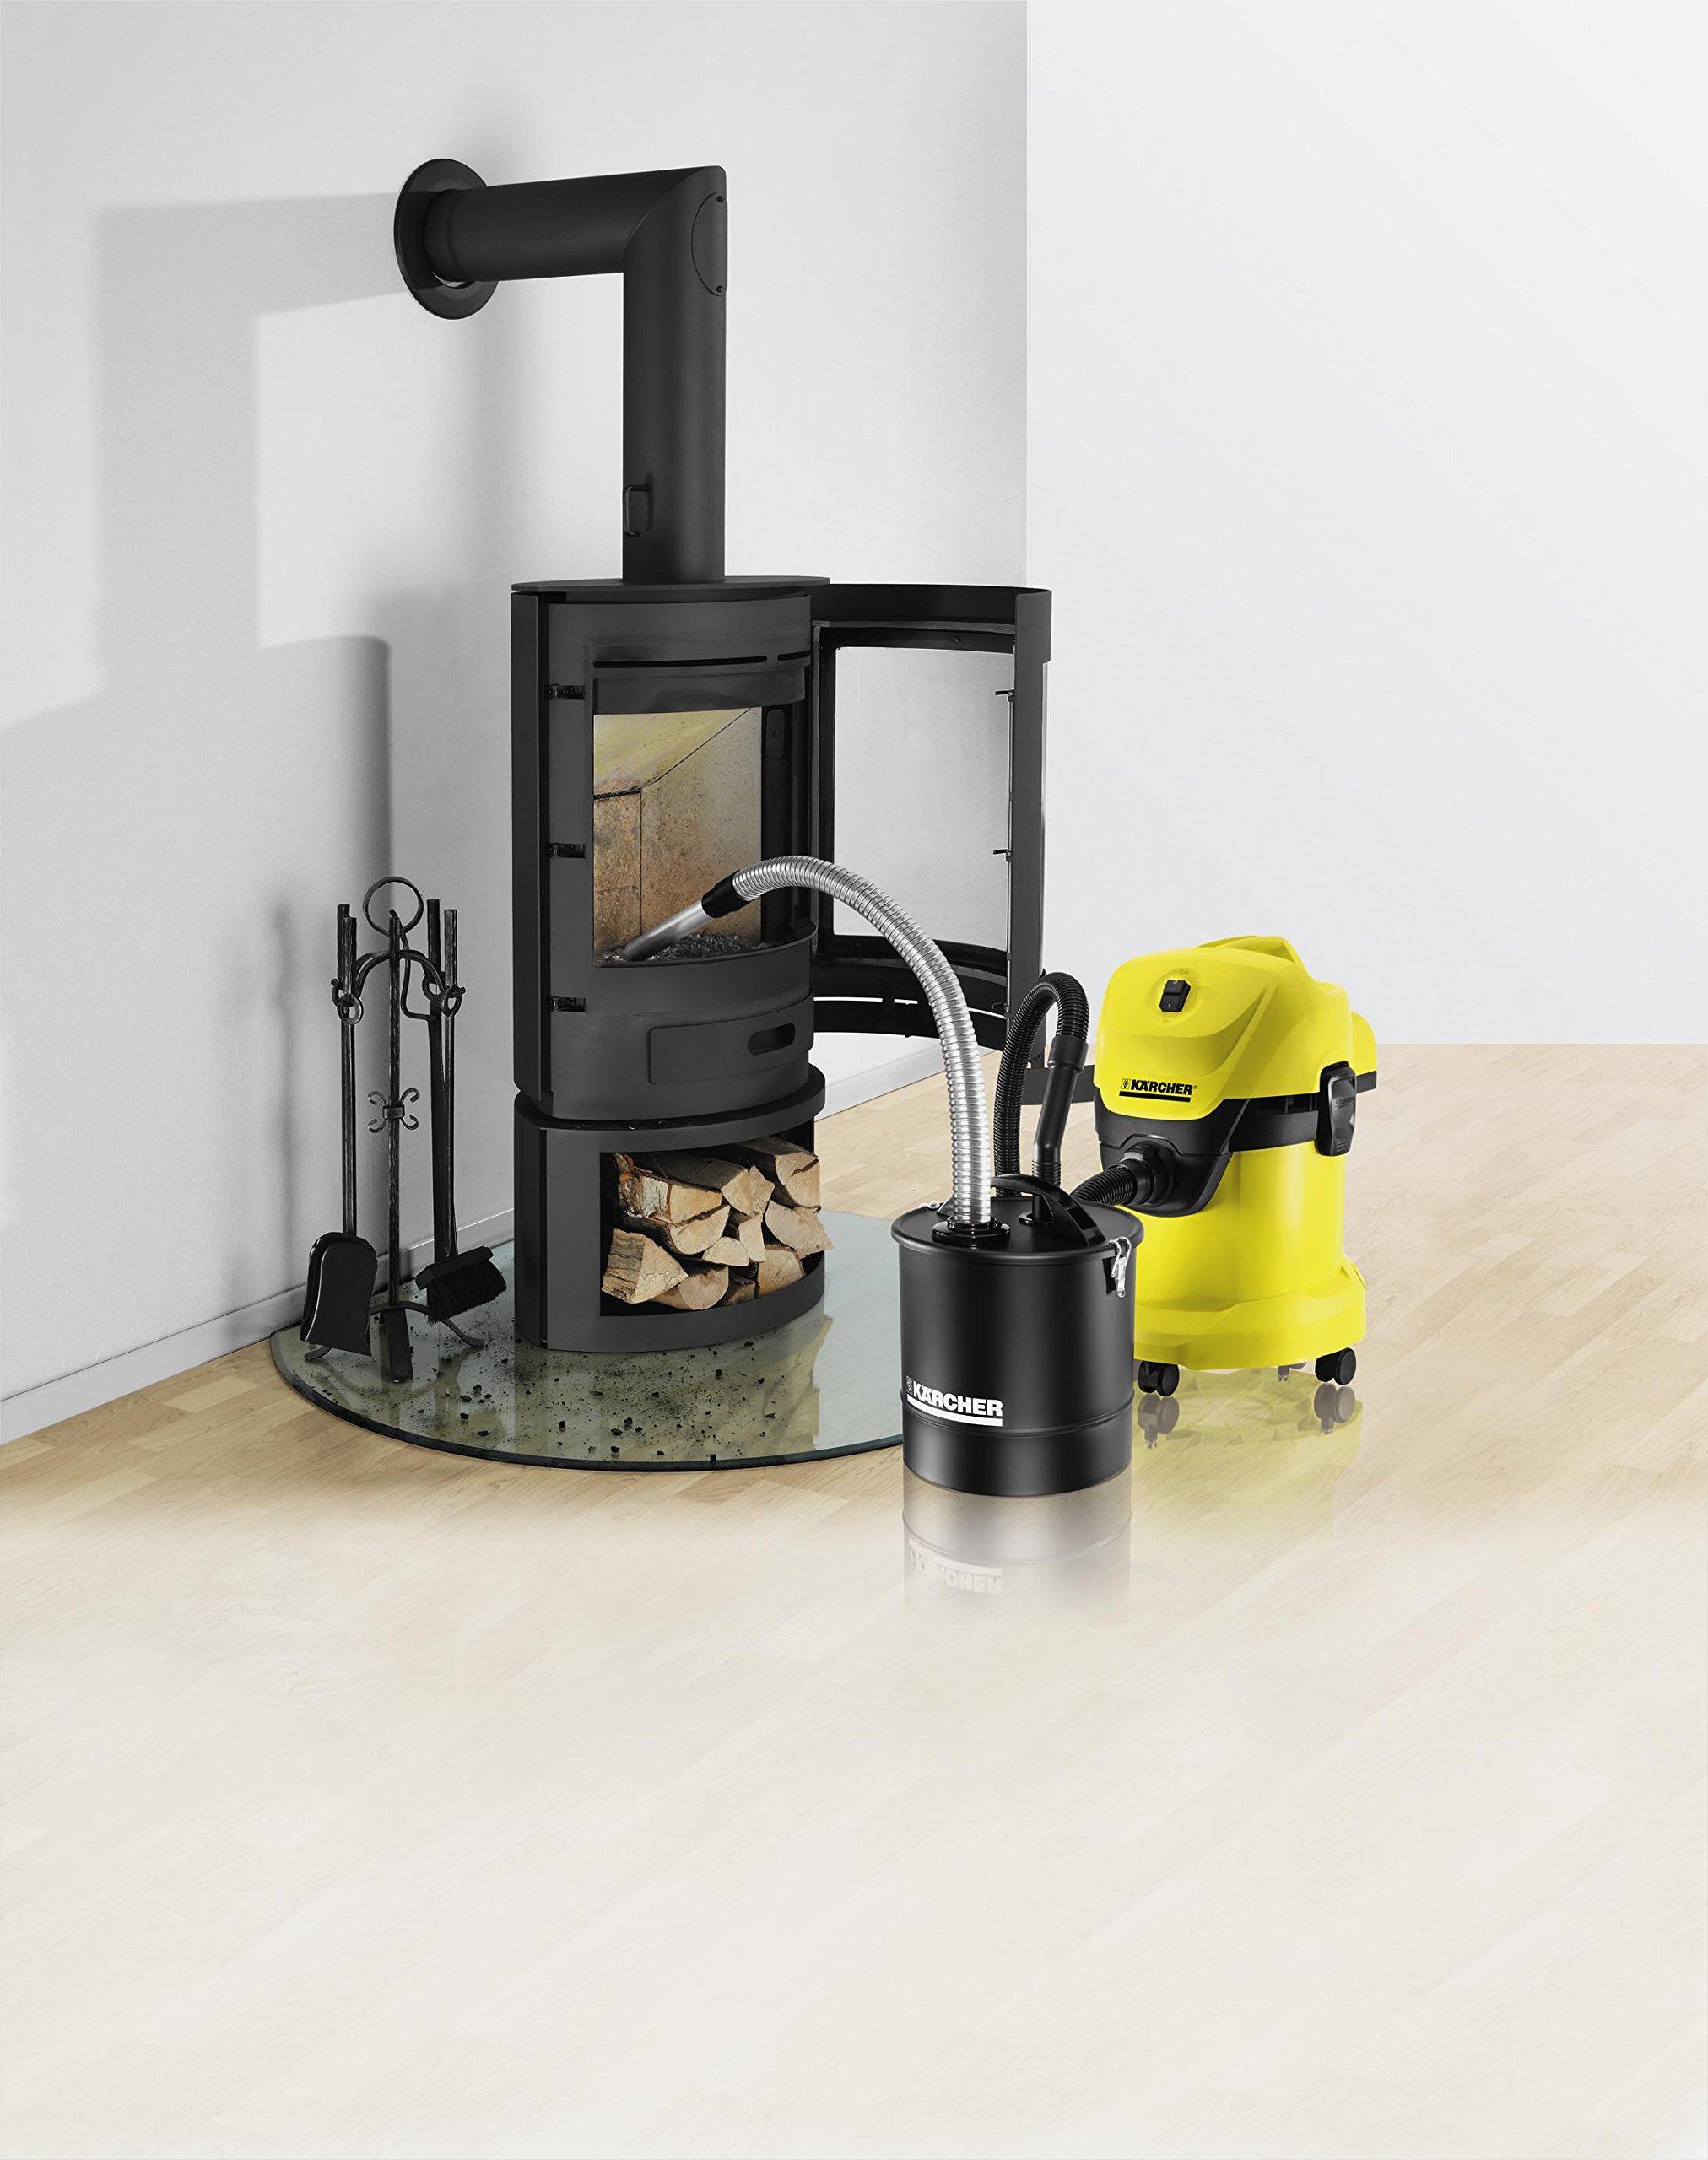 Kärcher Mehrzwecksauger WD 3 Fireplace Kit (Behältergröße: 17 l, Tatsächliche Saugleistung: 200 Air Watt, Aschefilter…